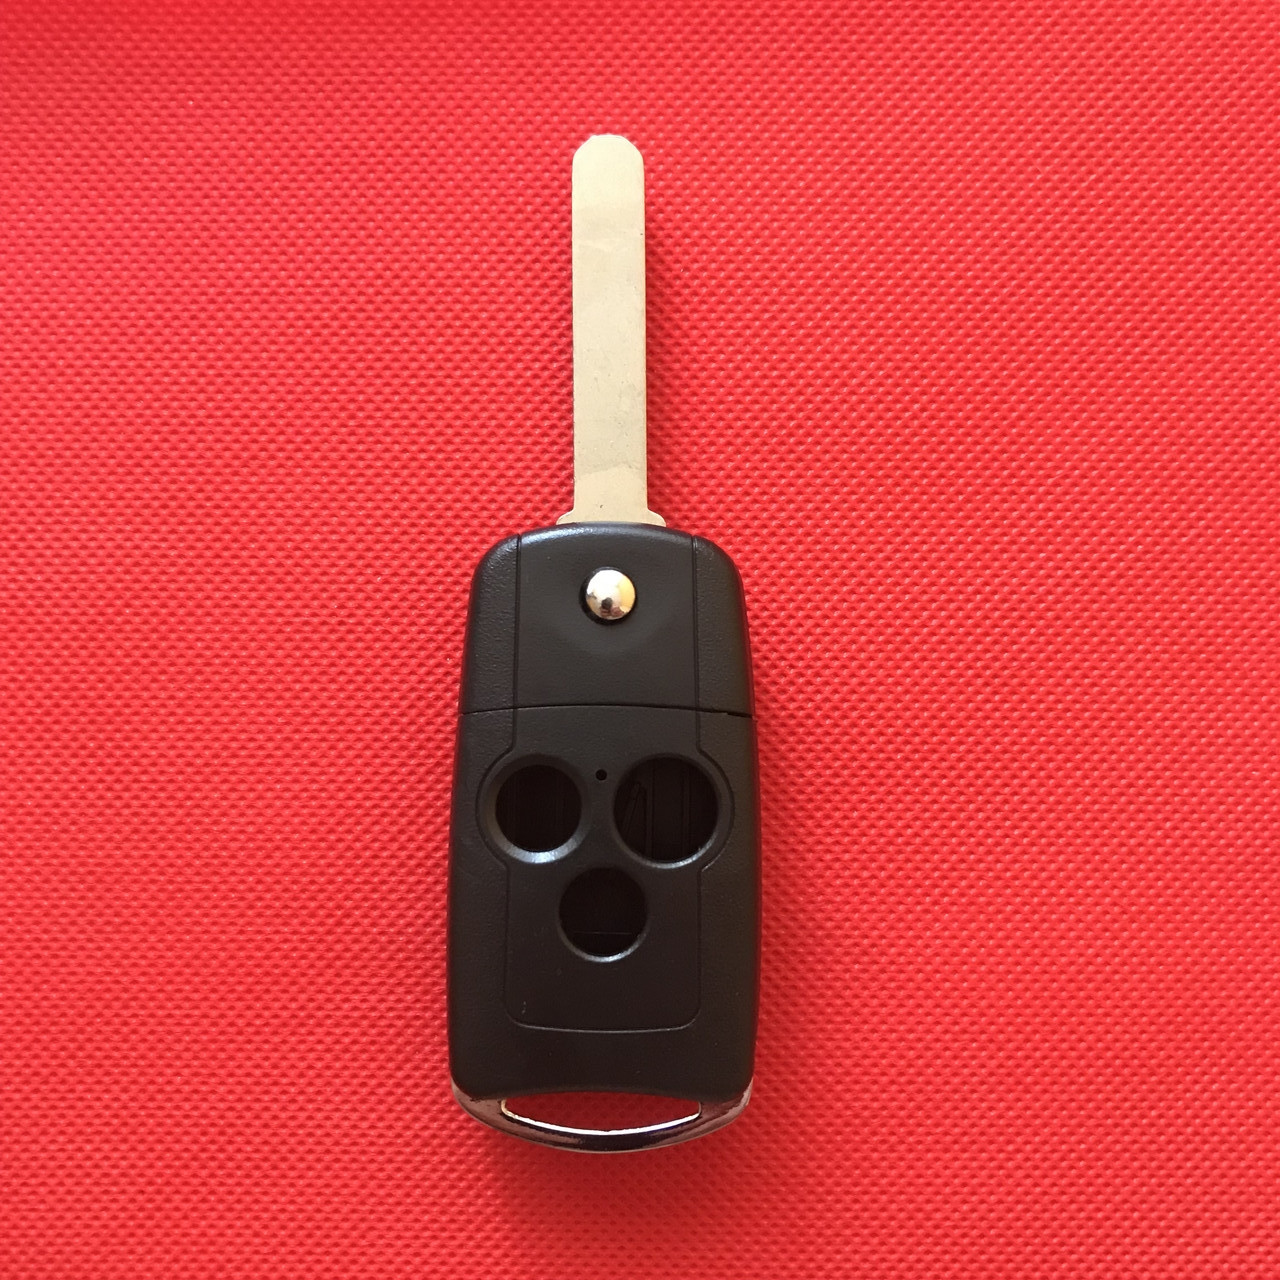 Корпус выкидного авто ключа для Honda (Хонда) Accord Pilot Civic - 3 кнопки